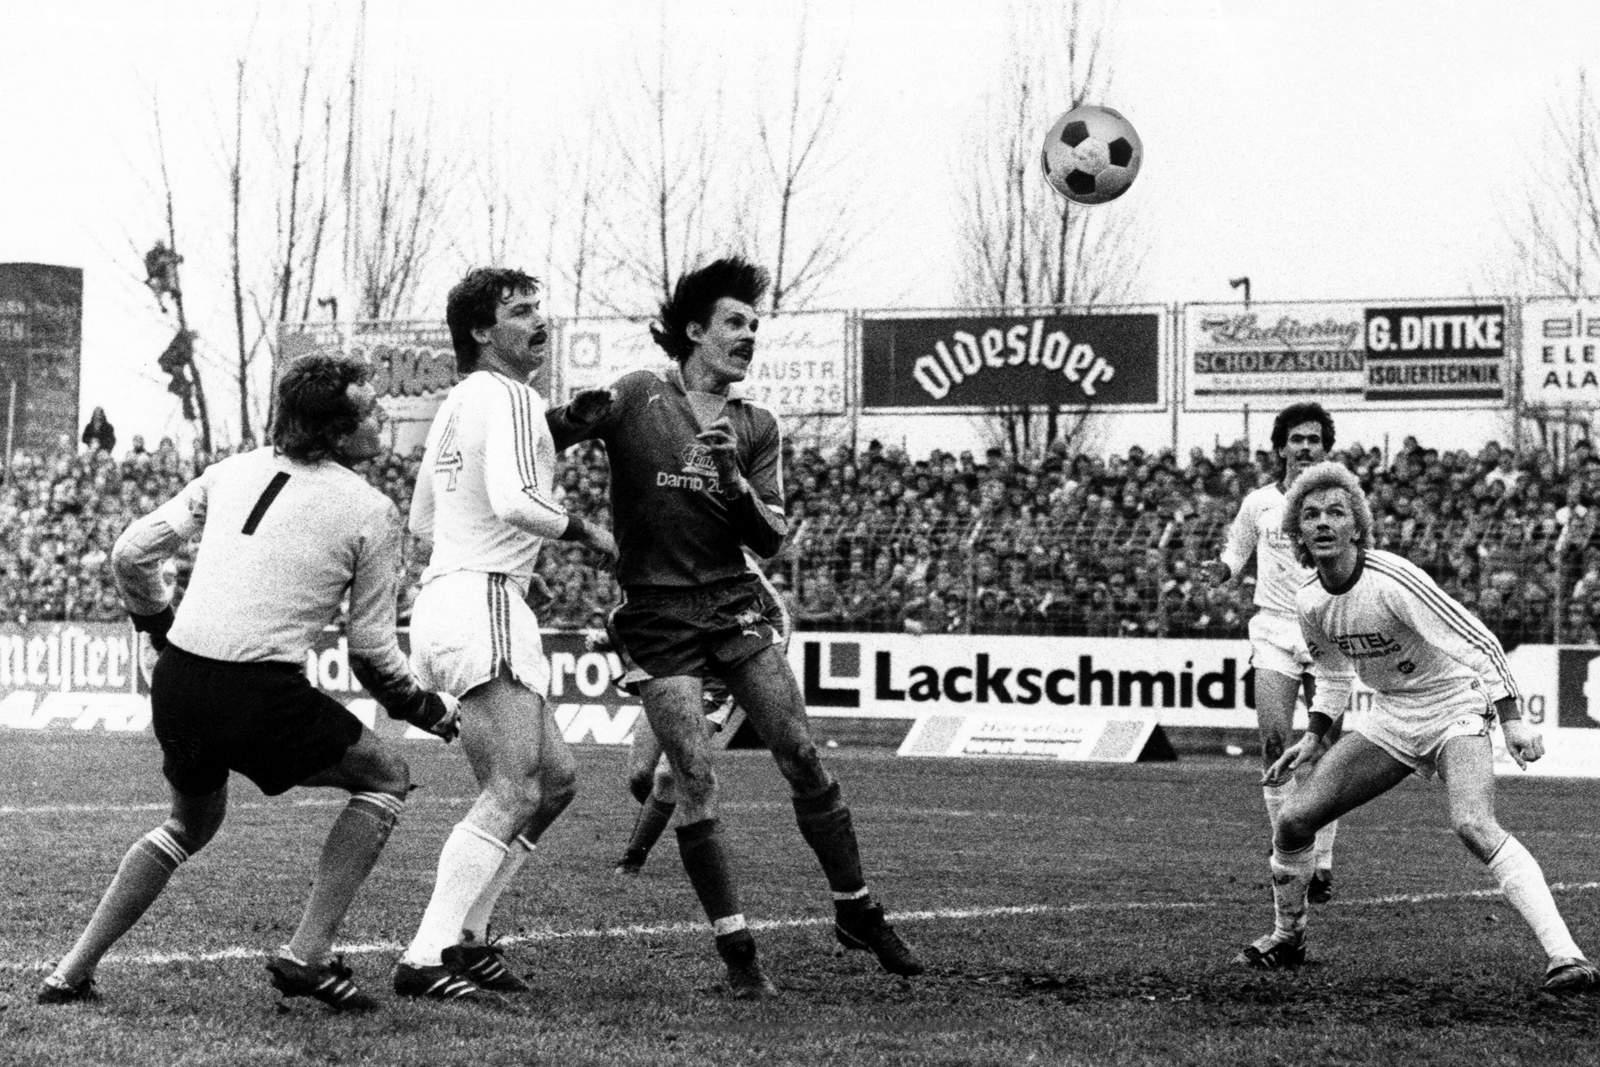 Trifft die KSV wieder wie Wendlandt 1978? Jetzt auf Holstein Kiel gegen KSC wetten